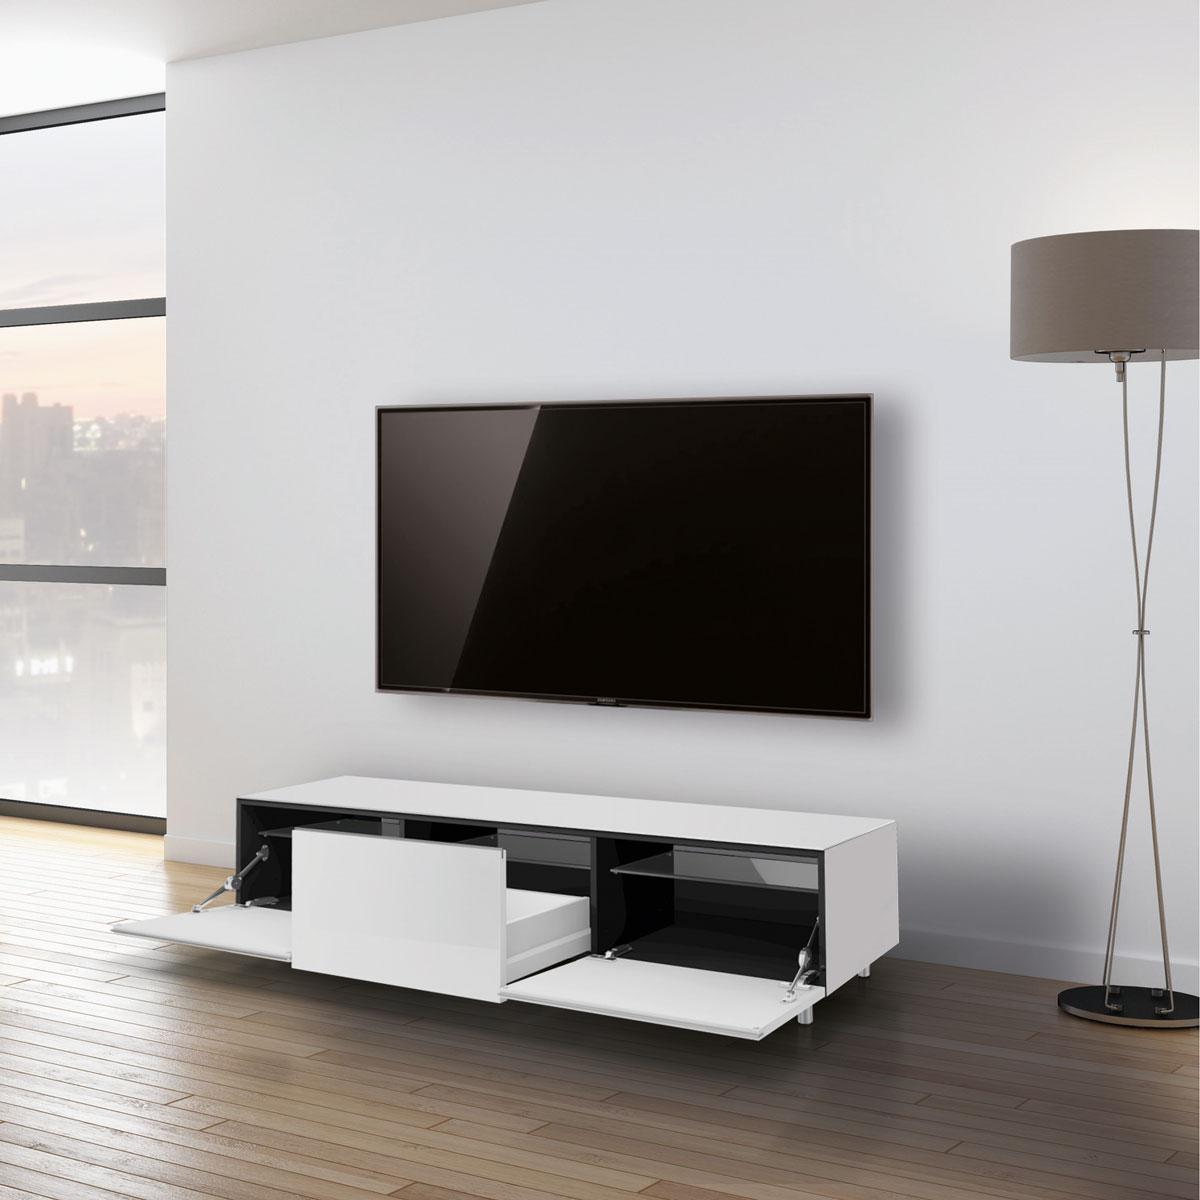 TV Lowboard verglast. Verdeckte Kabelführung. Schublade und Klappe. Glas sehr kratzfest. Modell JRL 1650S von Just Racks.